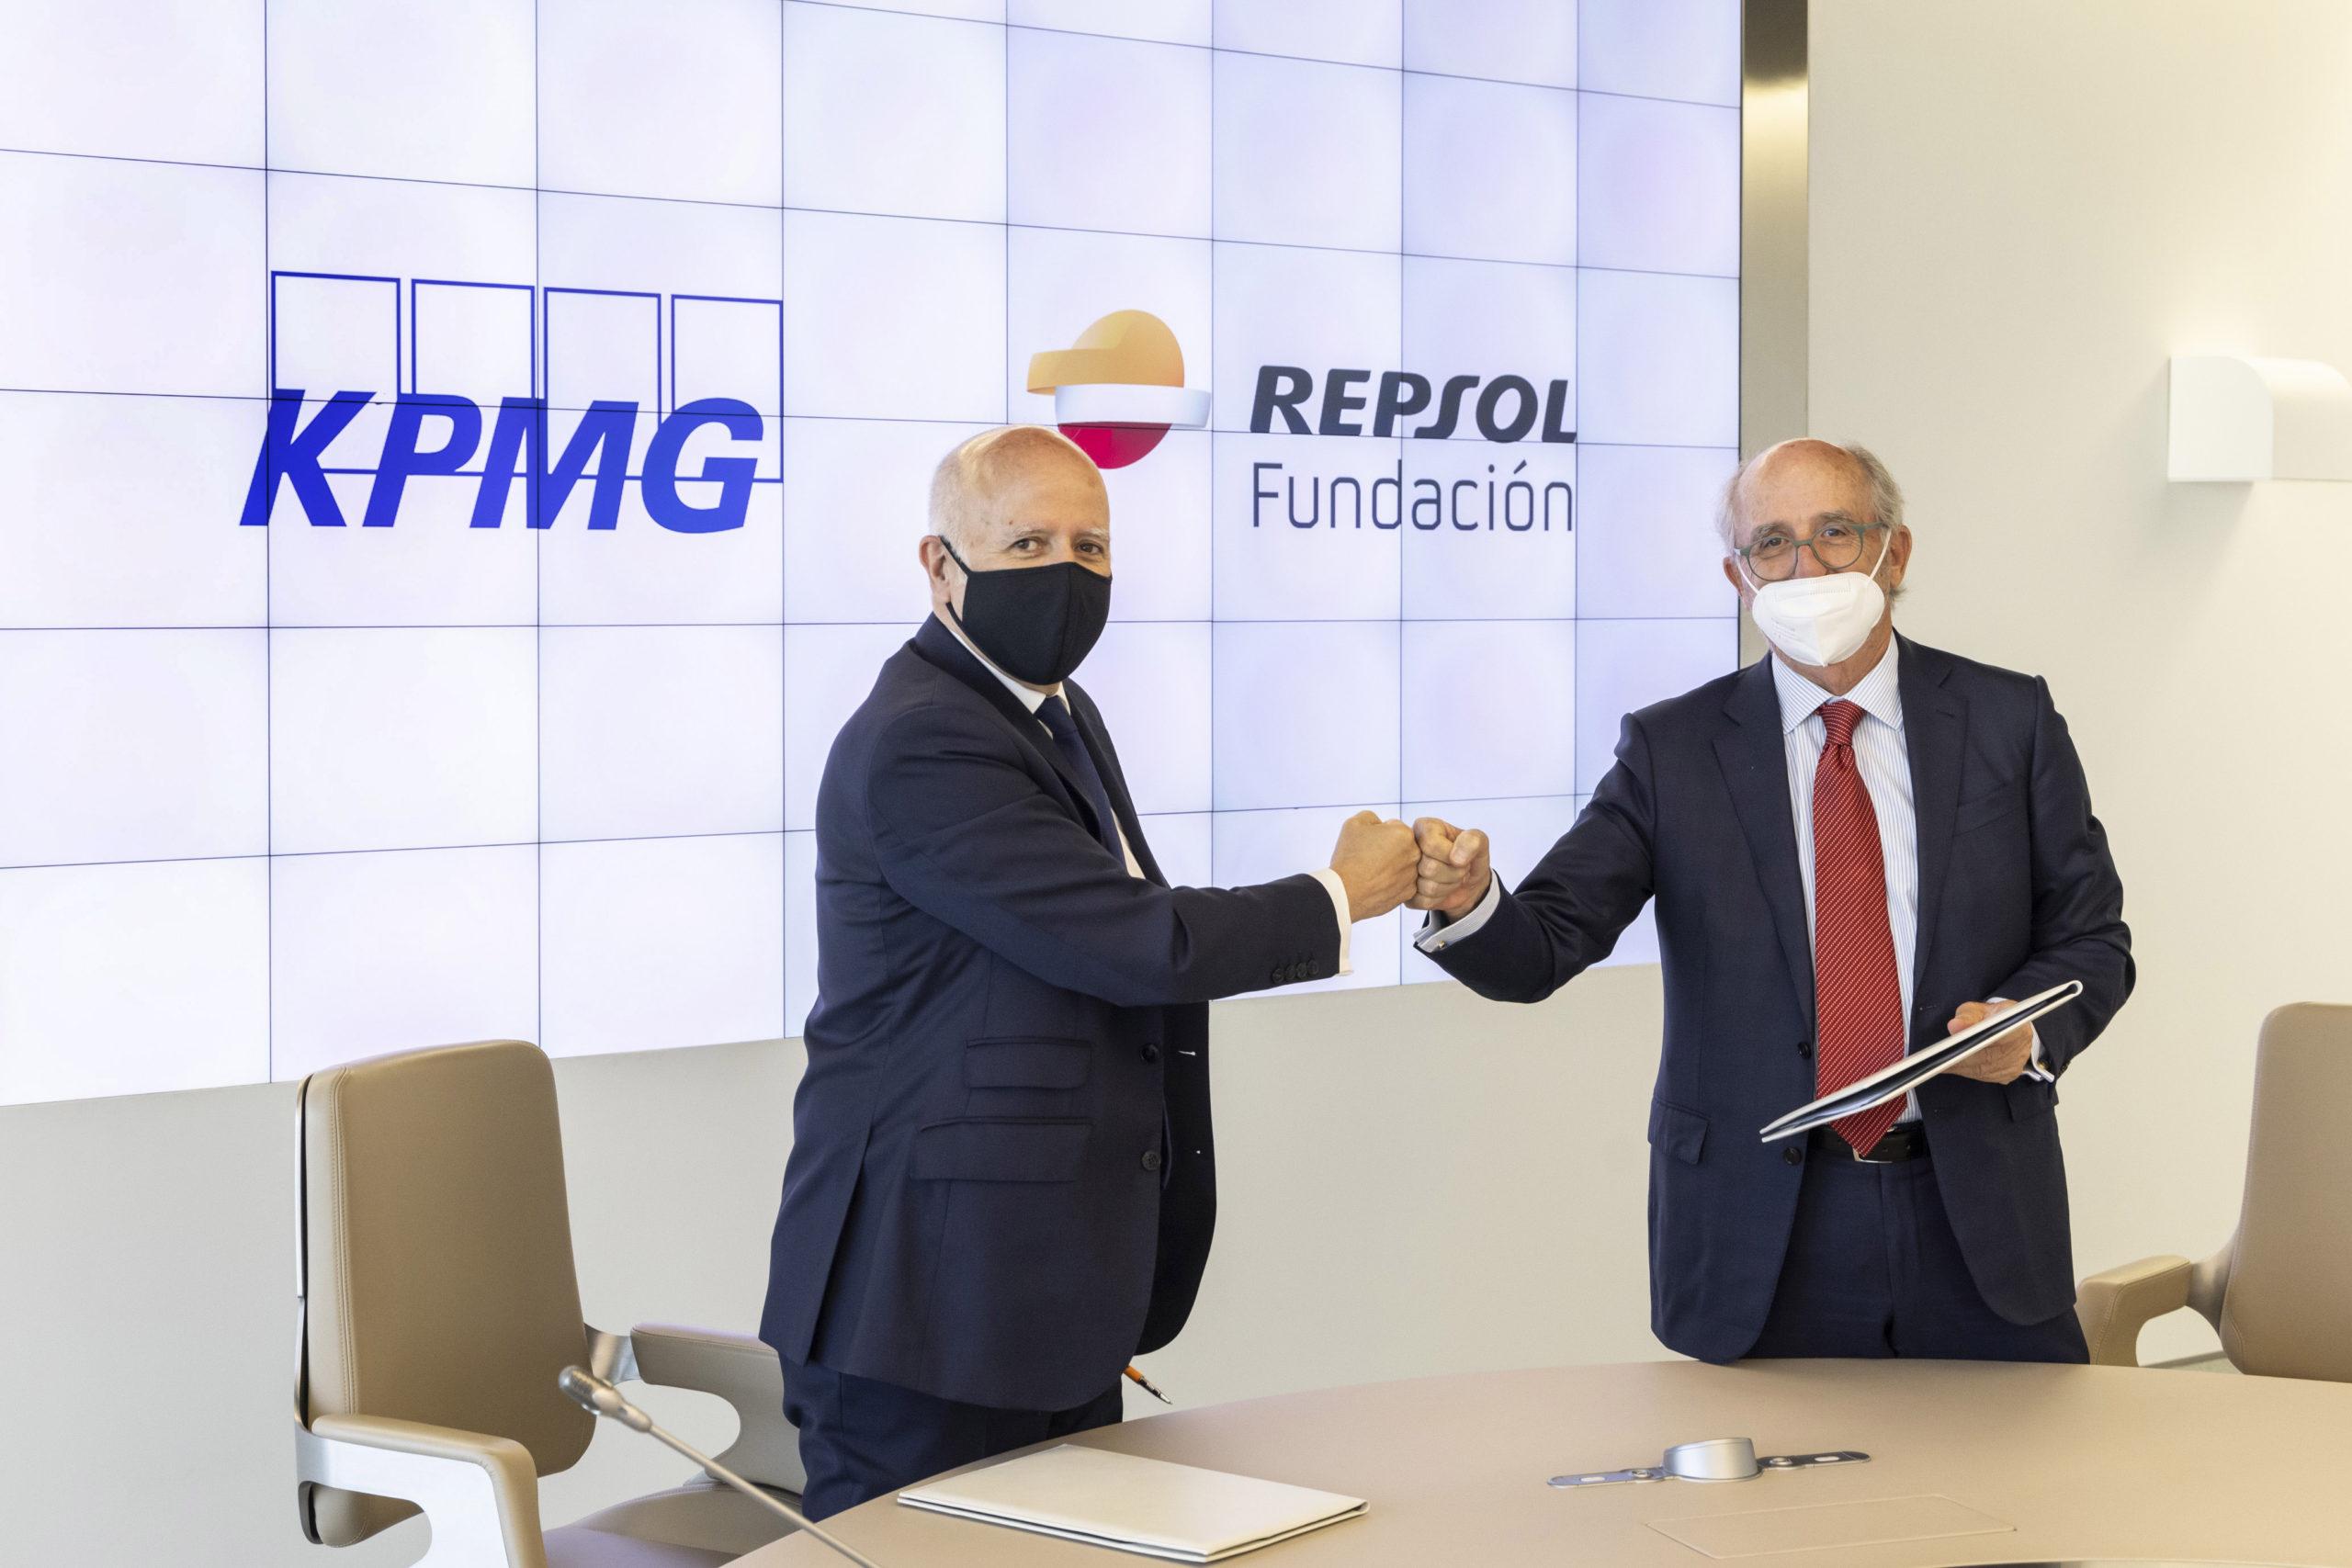 Fundación Repsol y KPMG lanzan una iniciativa que ayudará a España a ser un referente europeo en compensación de emisiones